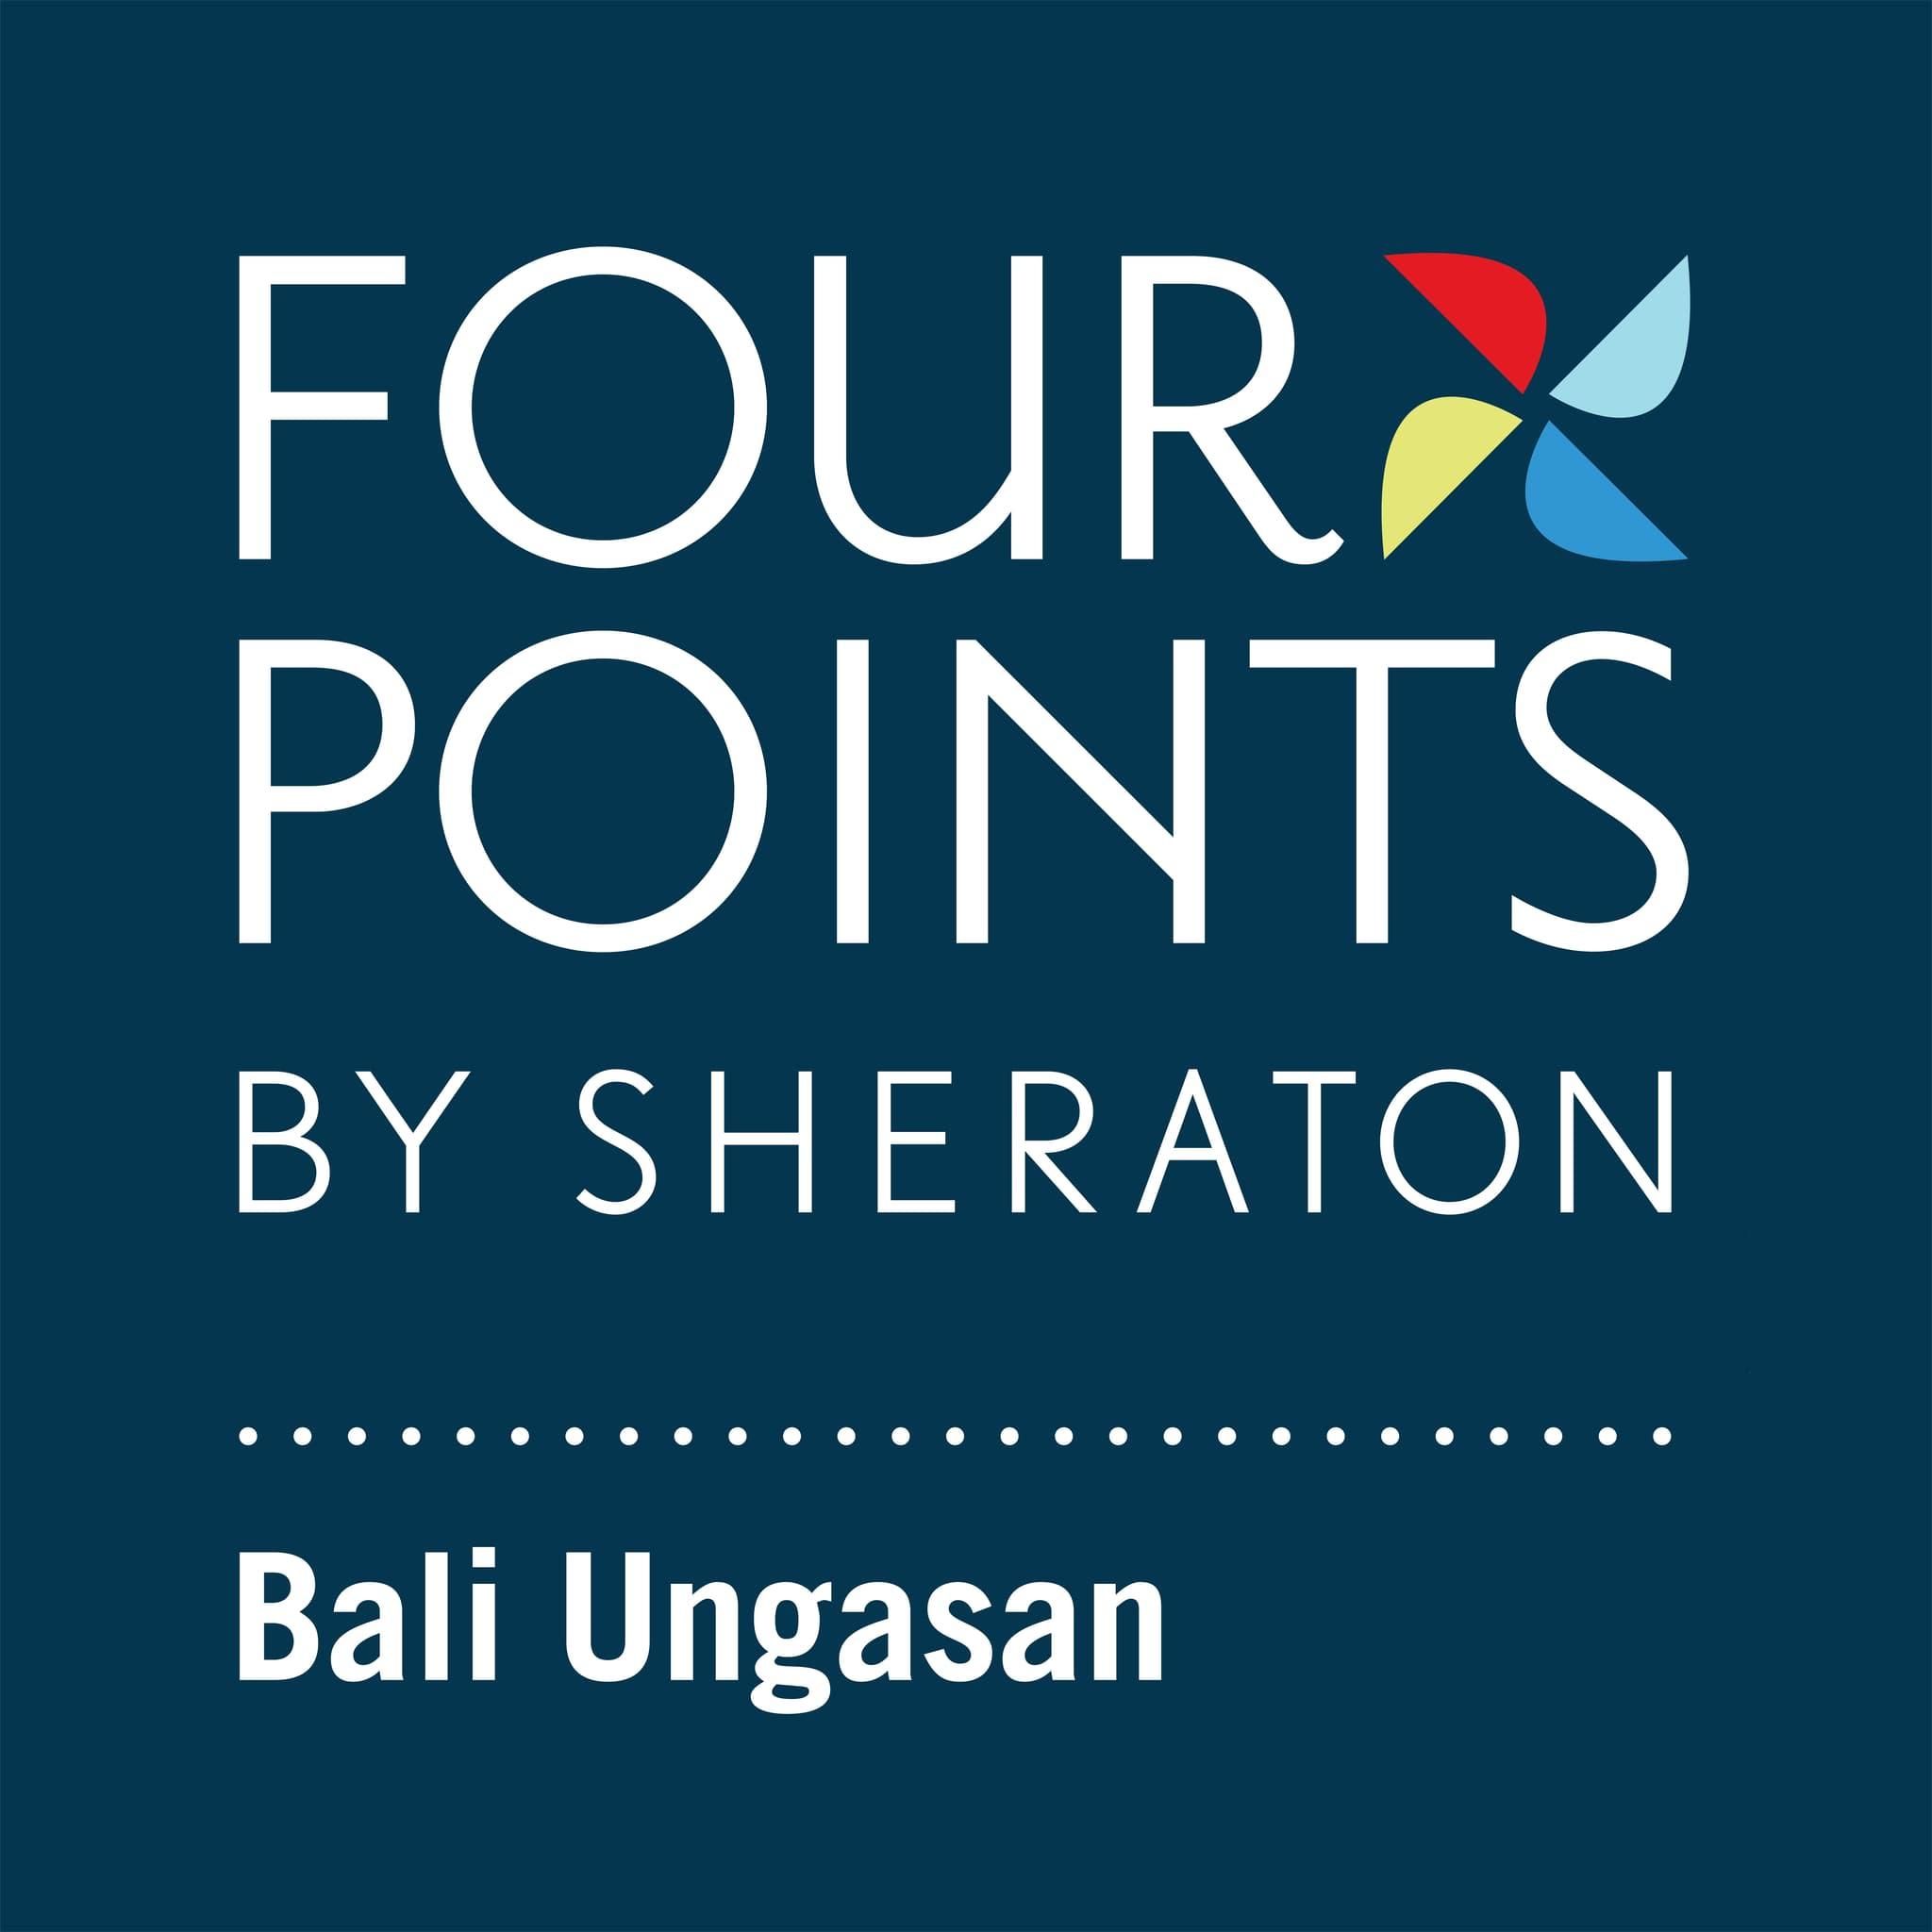 Four Points by Sheraton Bali Ungasan